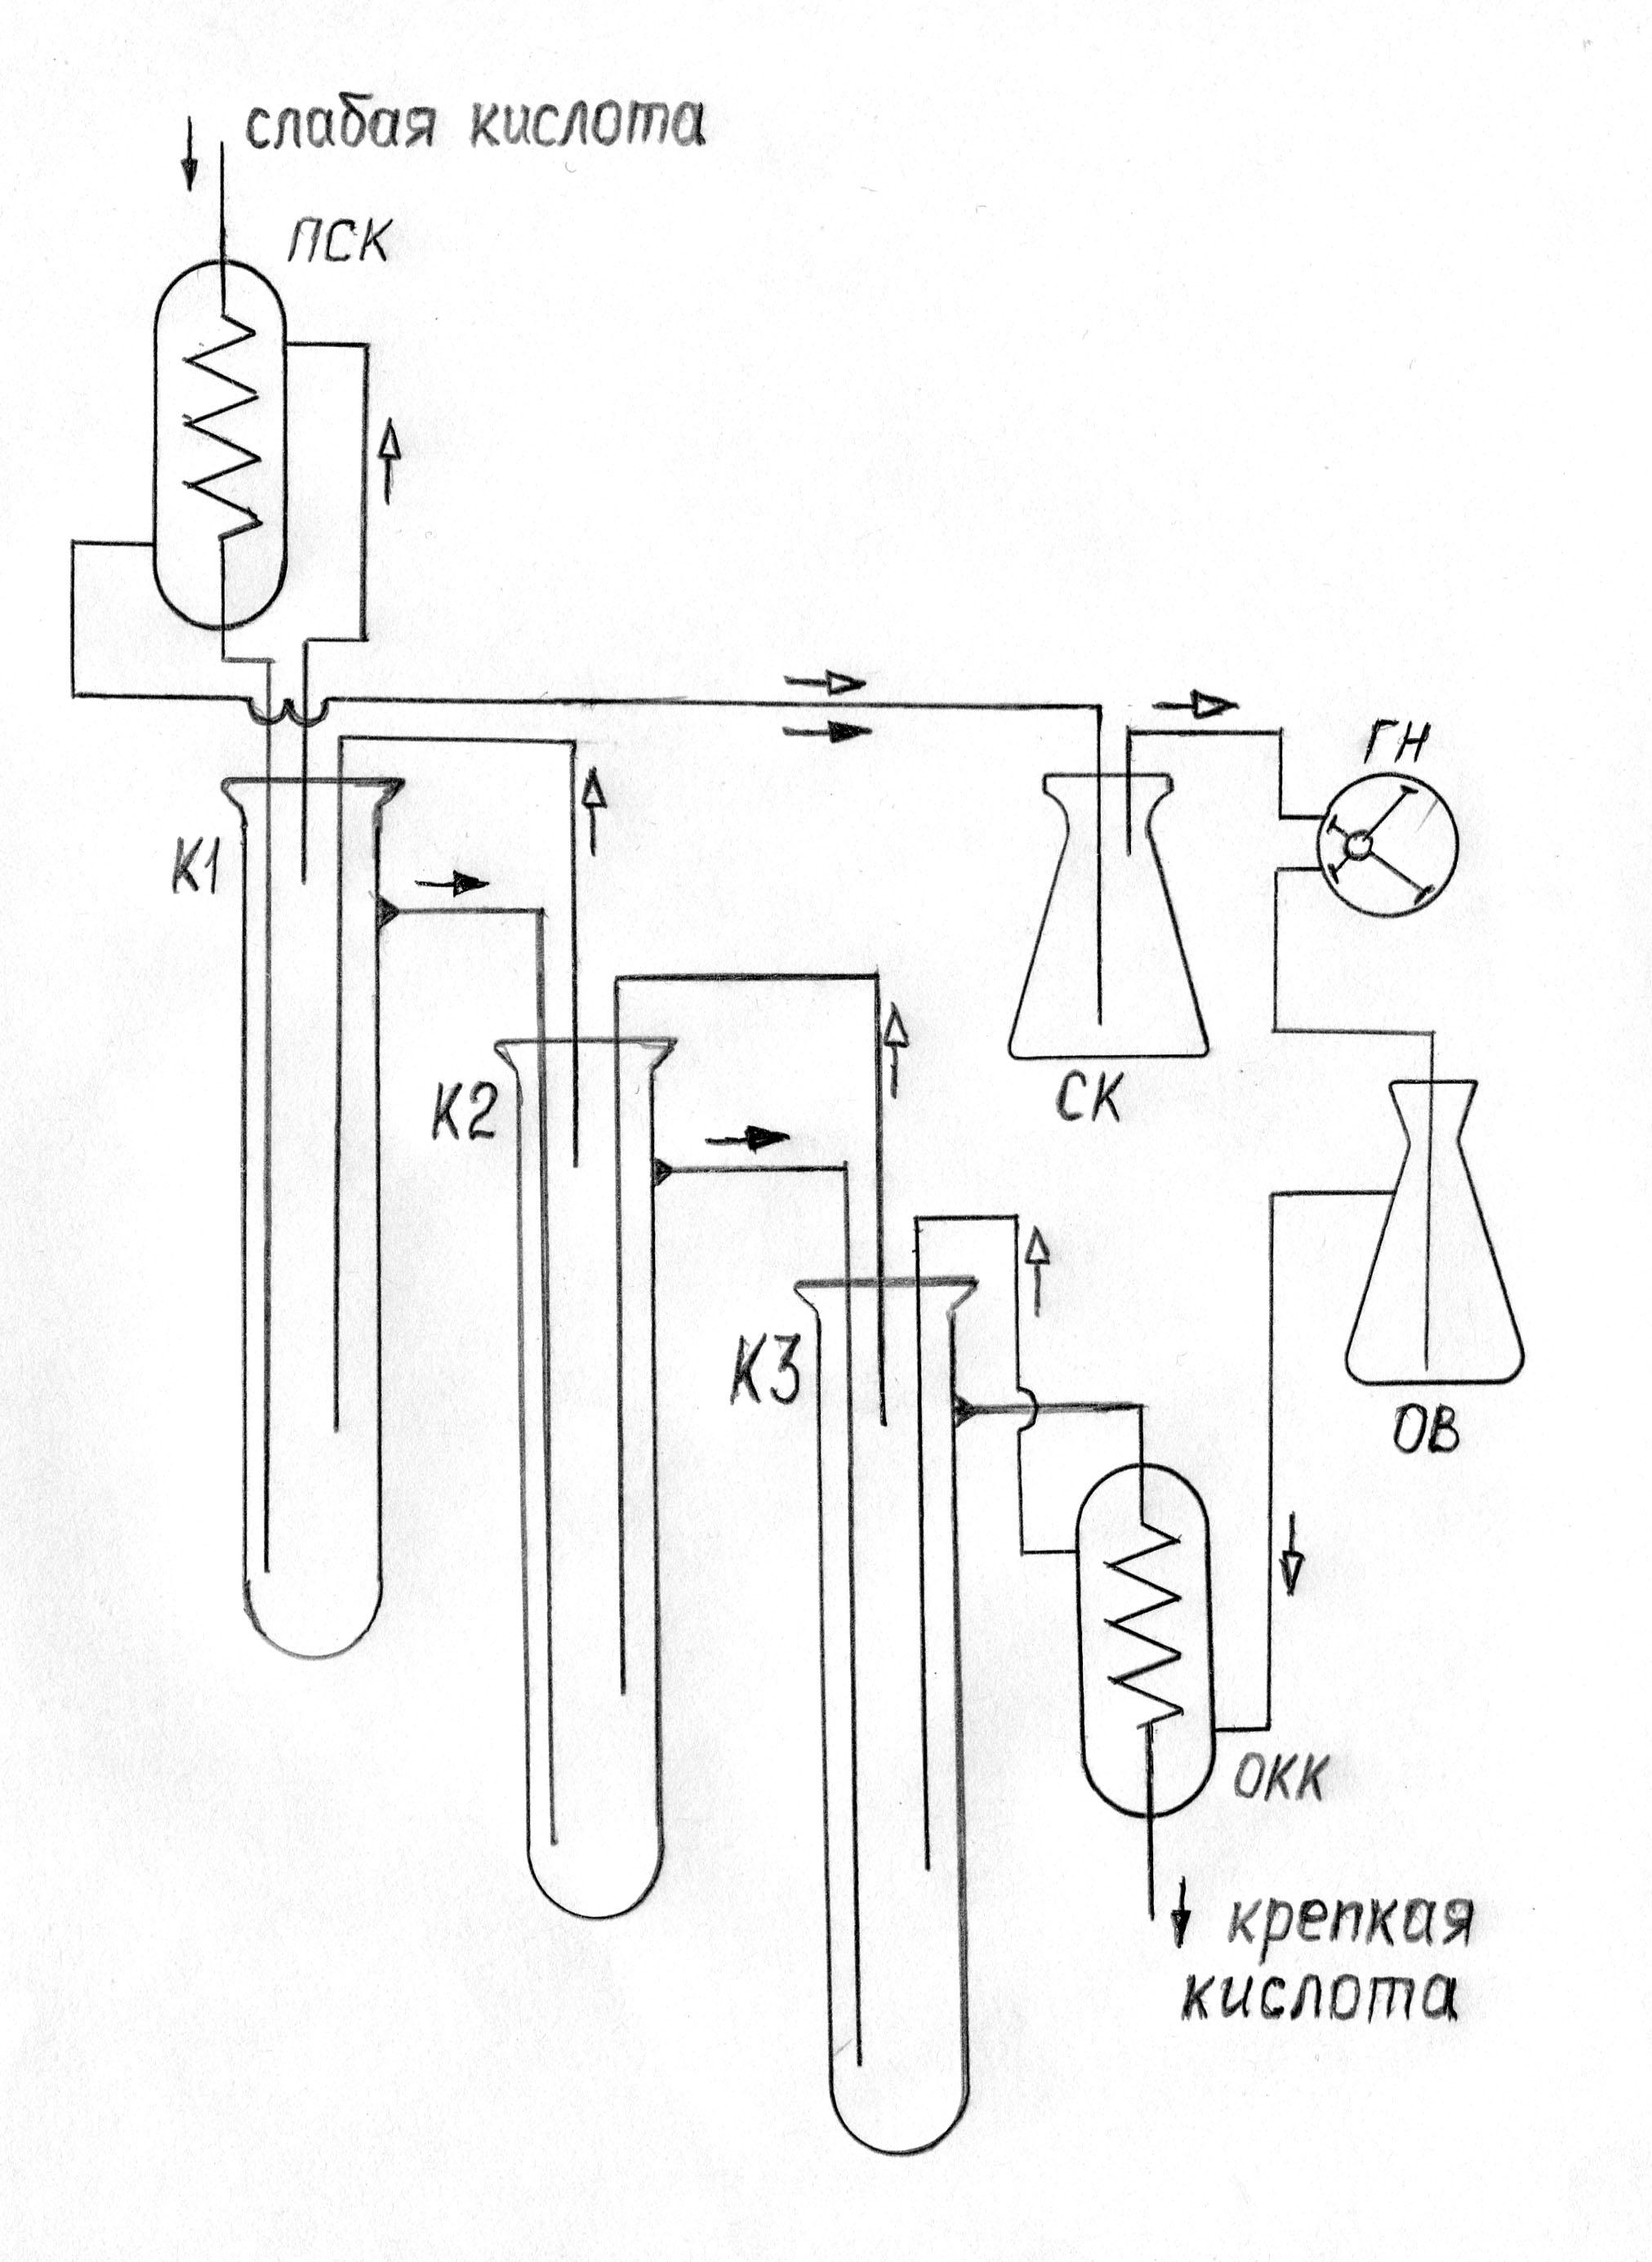 Схема концентратора с регенерацией тепла